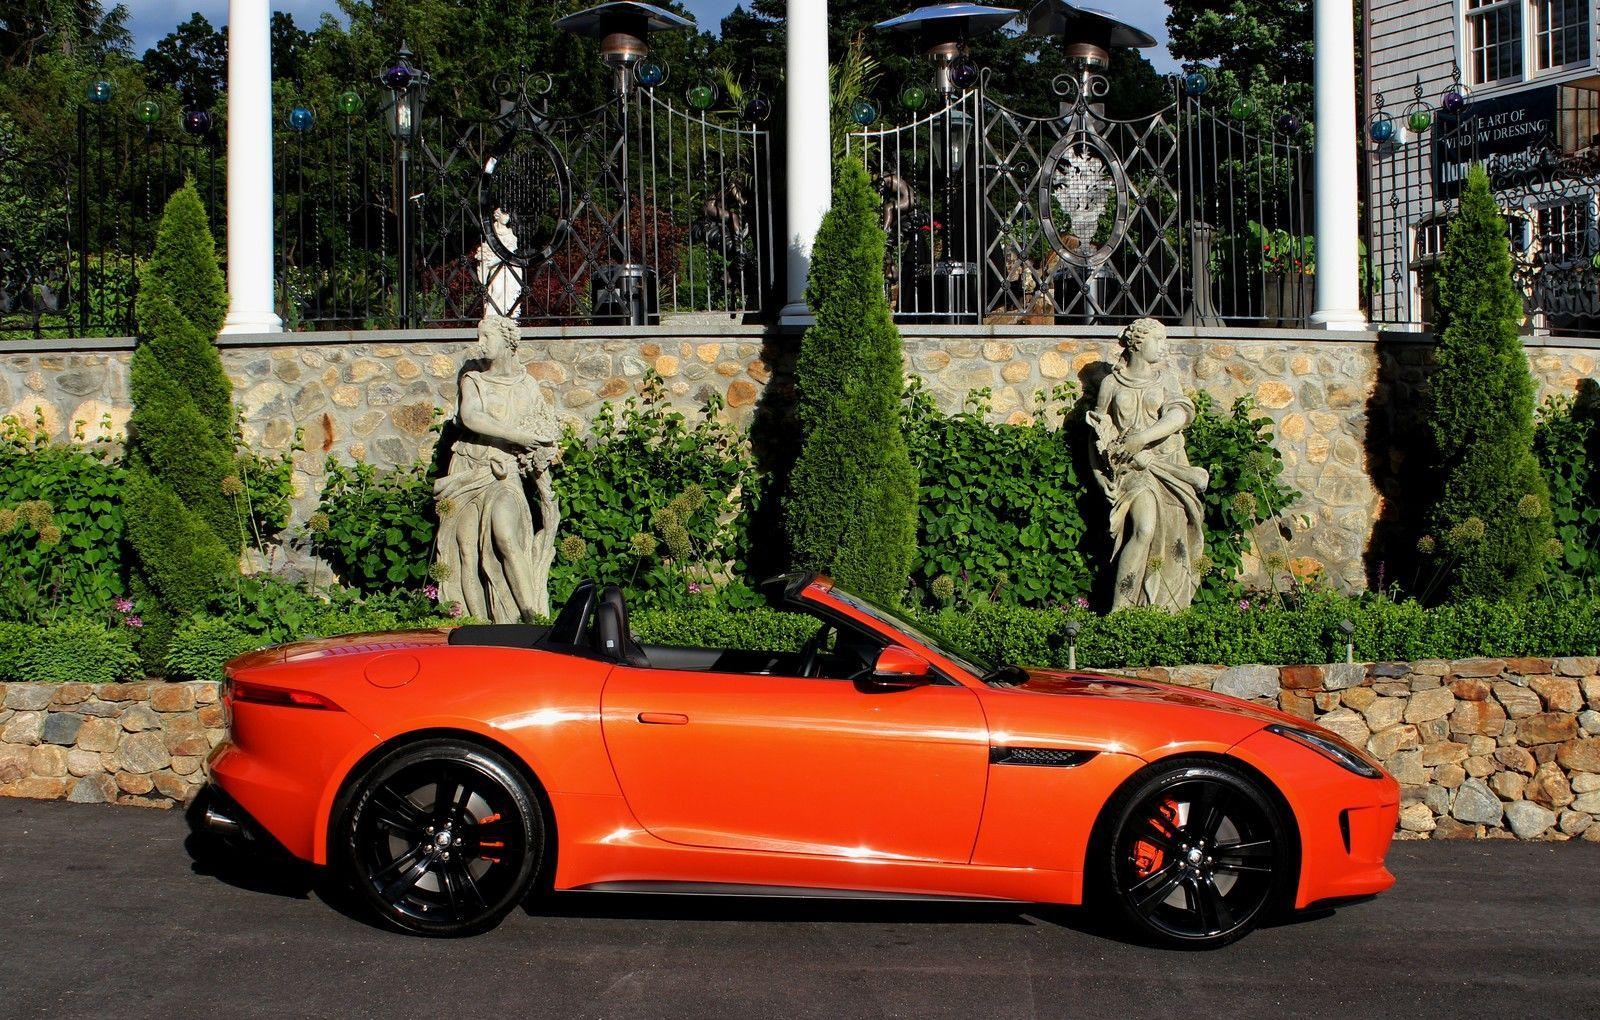 US $22,100.00 Used in eBay Motors, Cars & Trucks, Jaguar   Jaguar ...